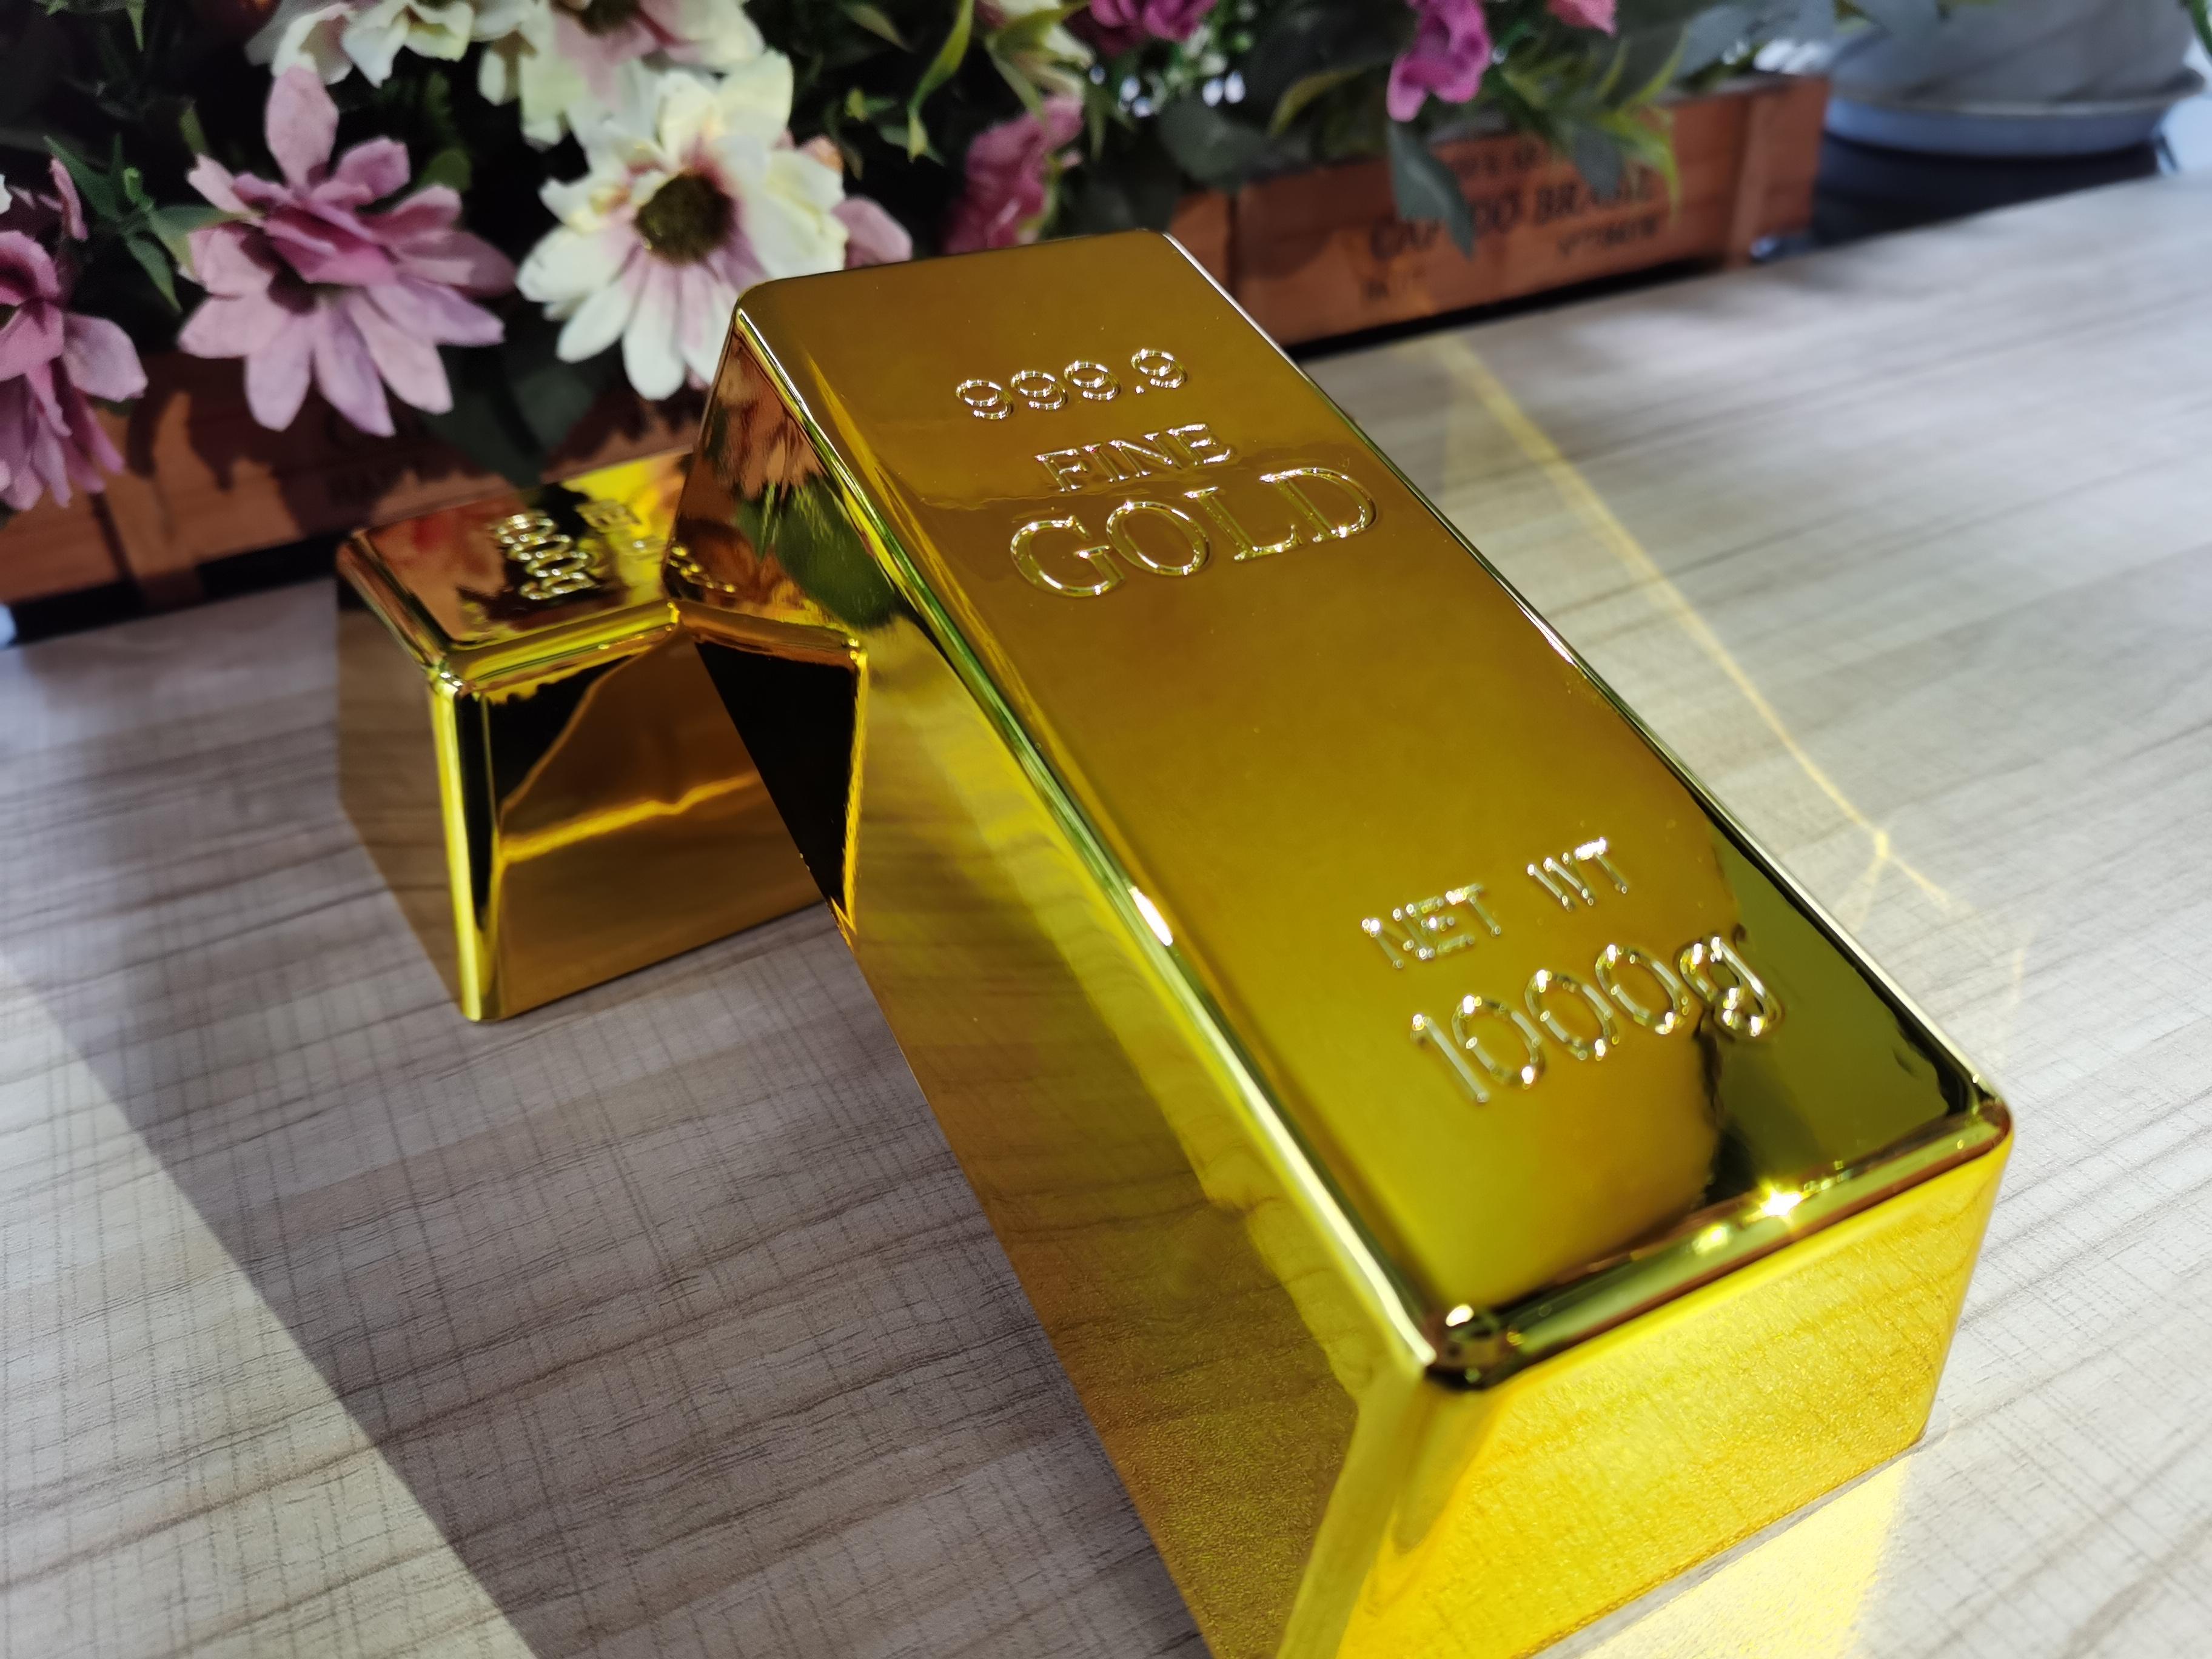 美元指数继续下跌支撑 黄金再度启动上行模式